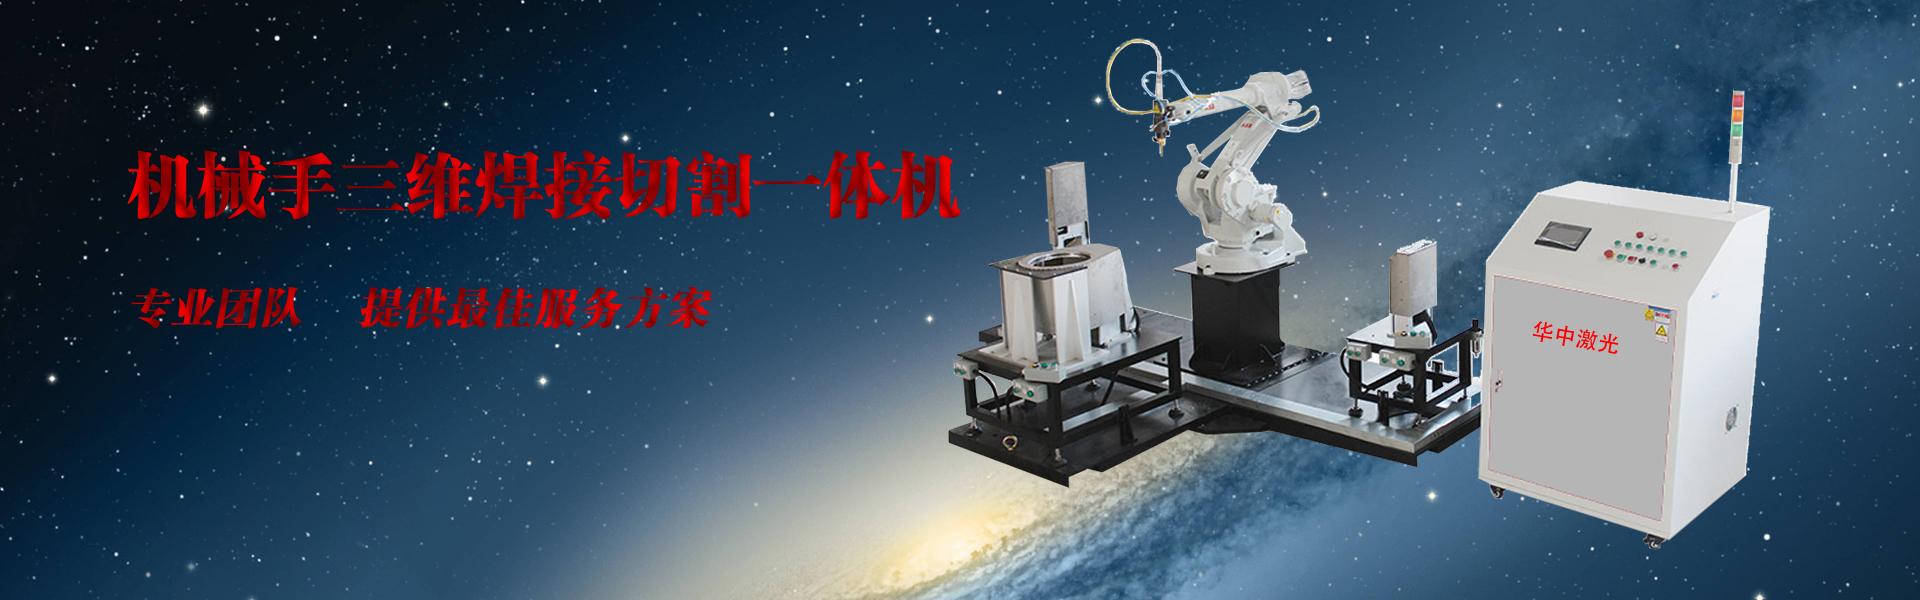 武汉华中激光产业有限公司激光雕刻机